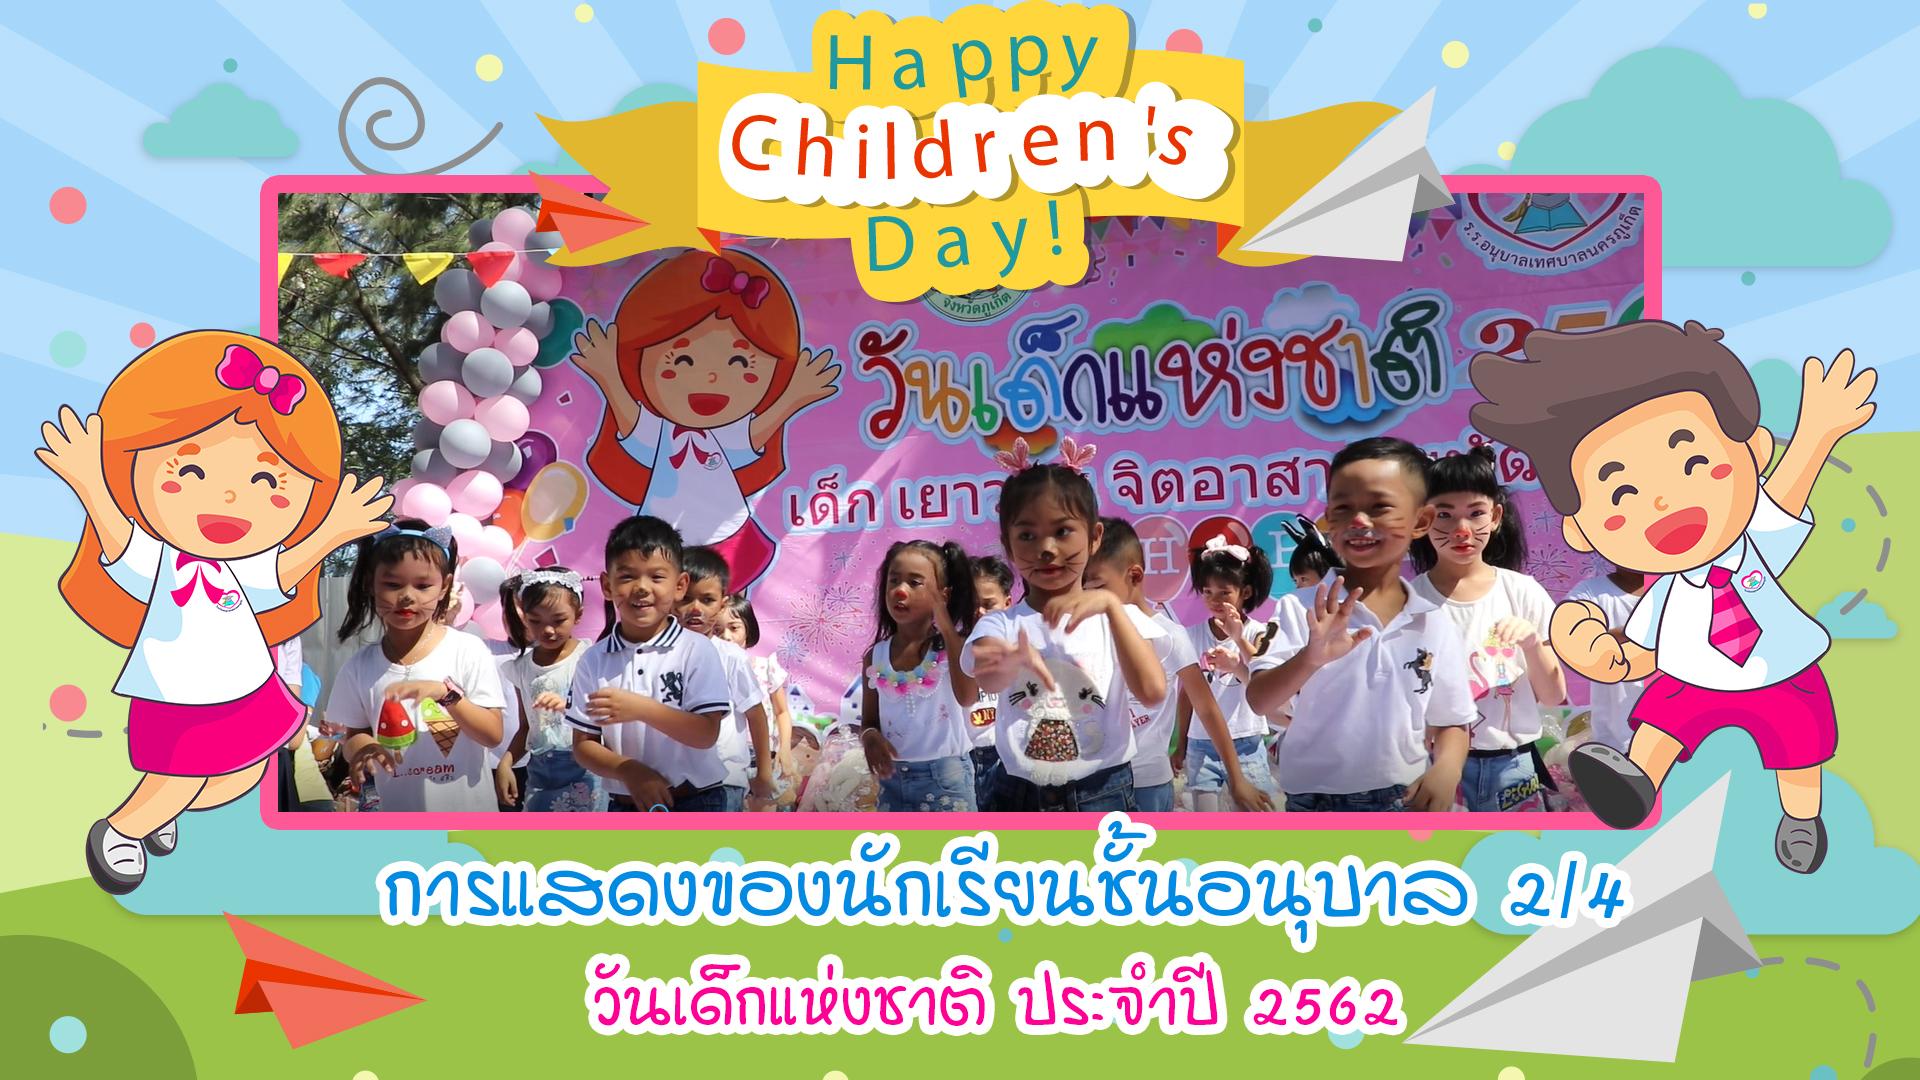 การแสดงของนักเรียนชั้นอนุบาล 2/4 กิจกรรมวันเด็กแห่งชาติ ประจำปี 2562